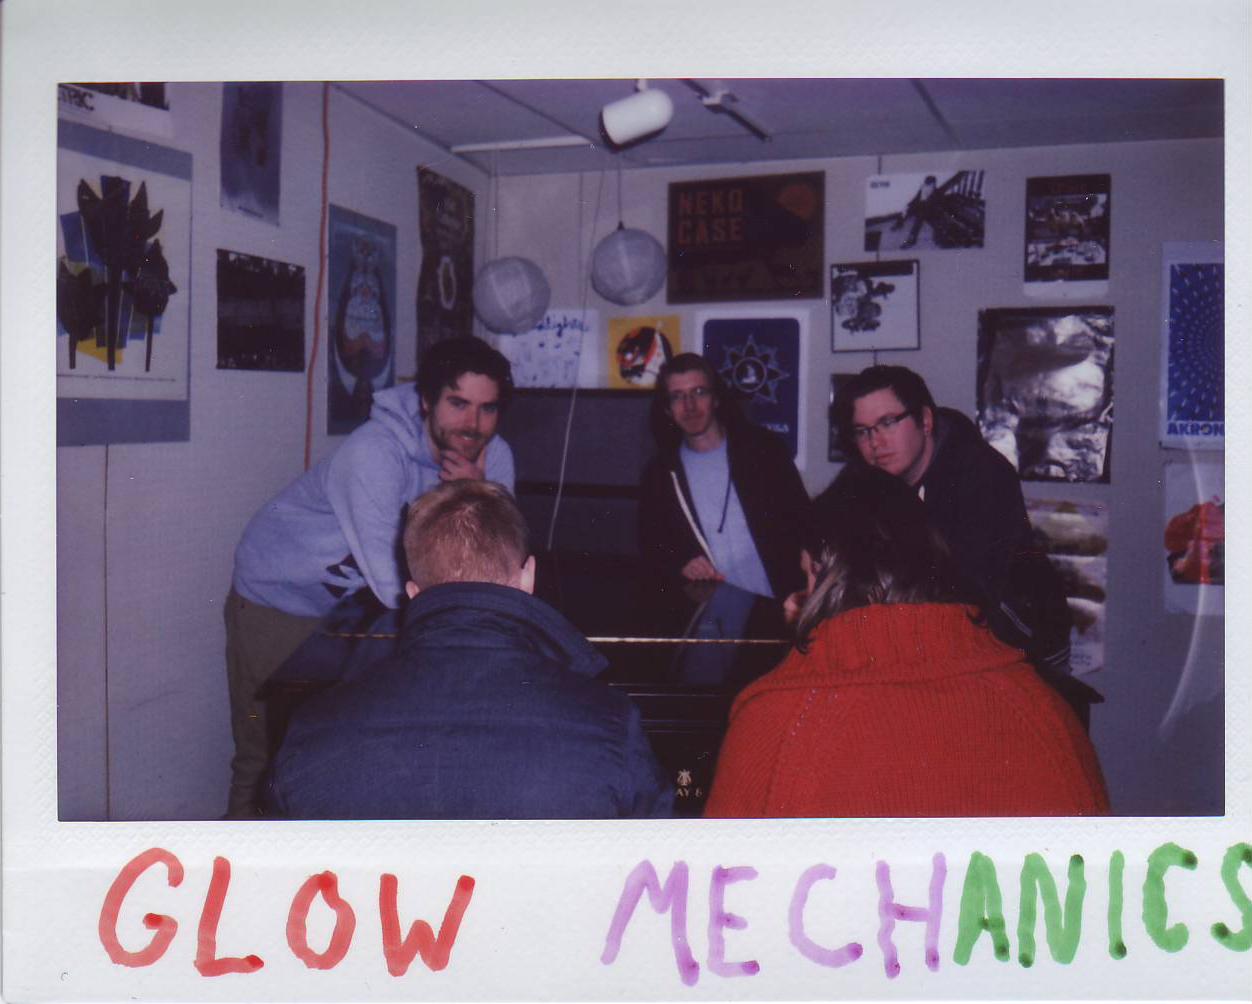 Glow Mechanics